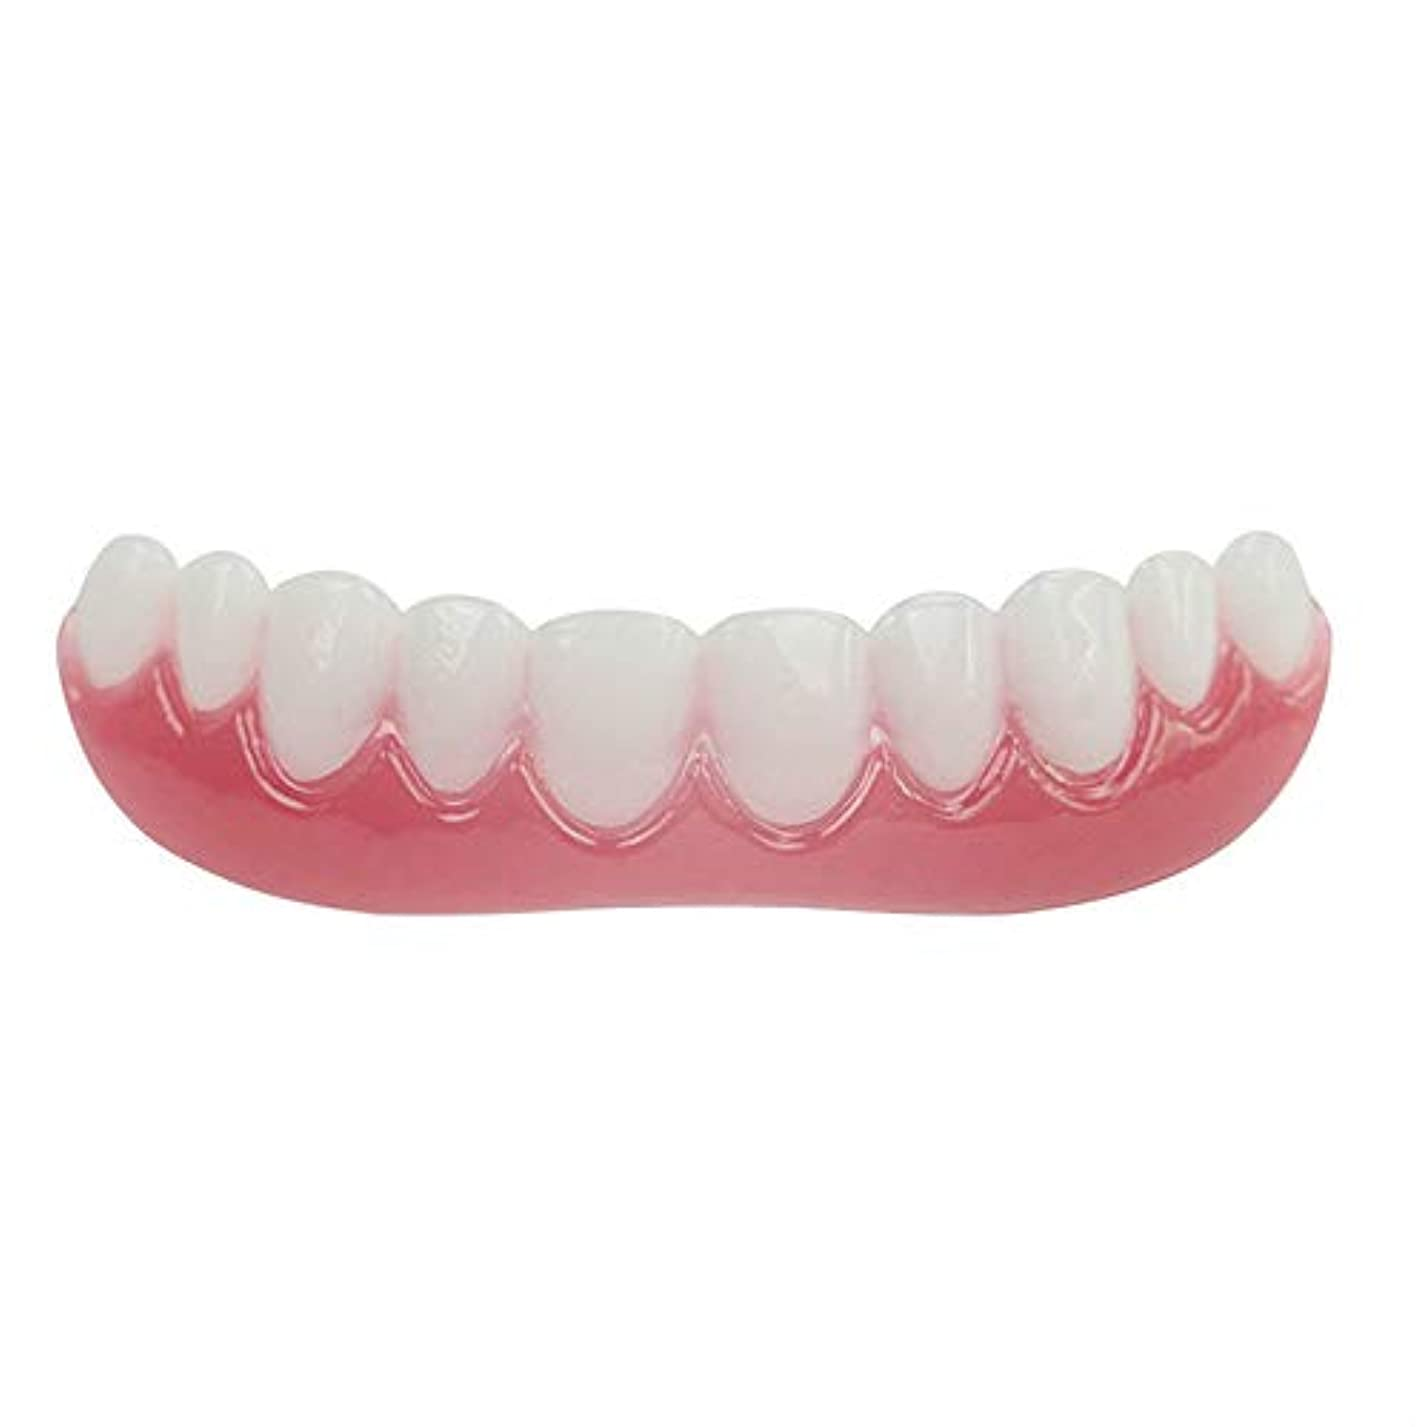 冷笑する南西フォアタイプシリコンシミュレーション義歯、歯科用ベニヤホワイトトゥースセット(1個),Boxed,Lower